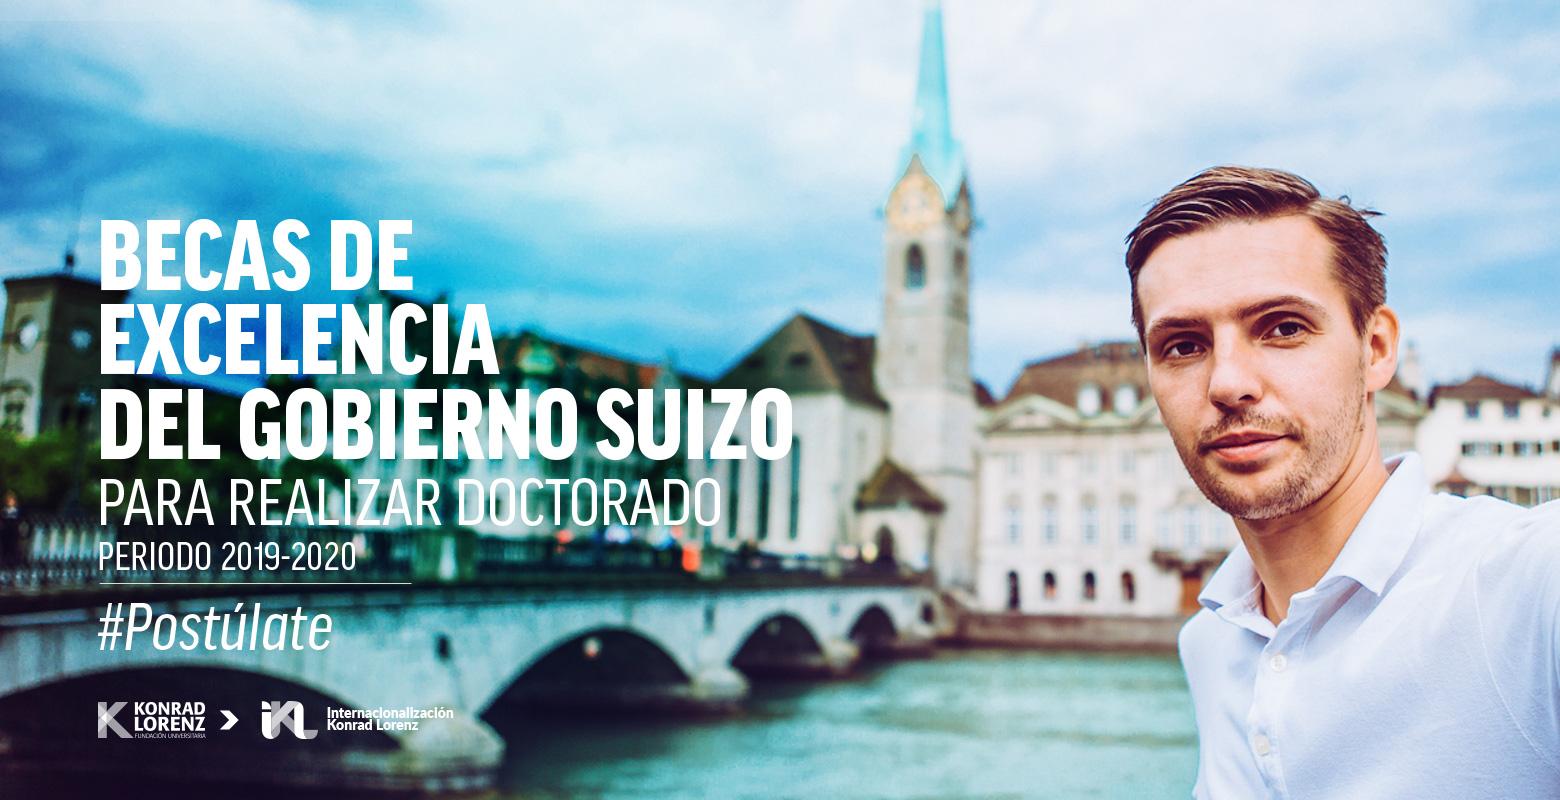 Becas de Excelencia del gobierno suizo para realizar Doctorado